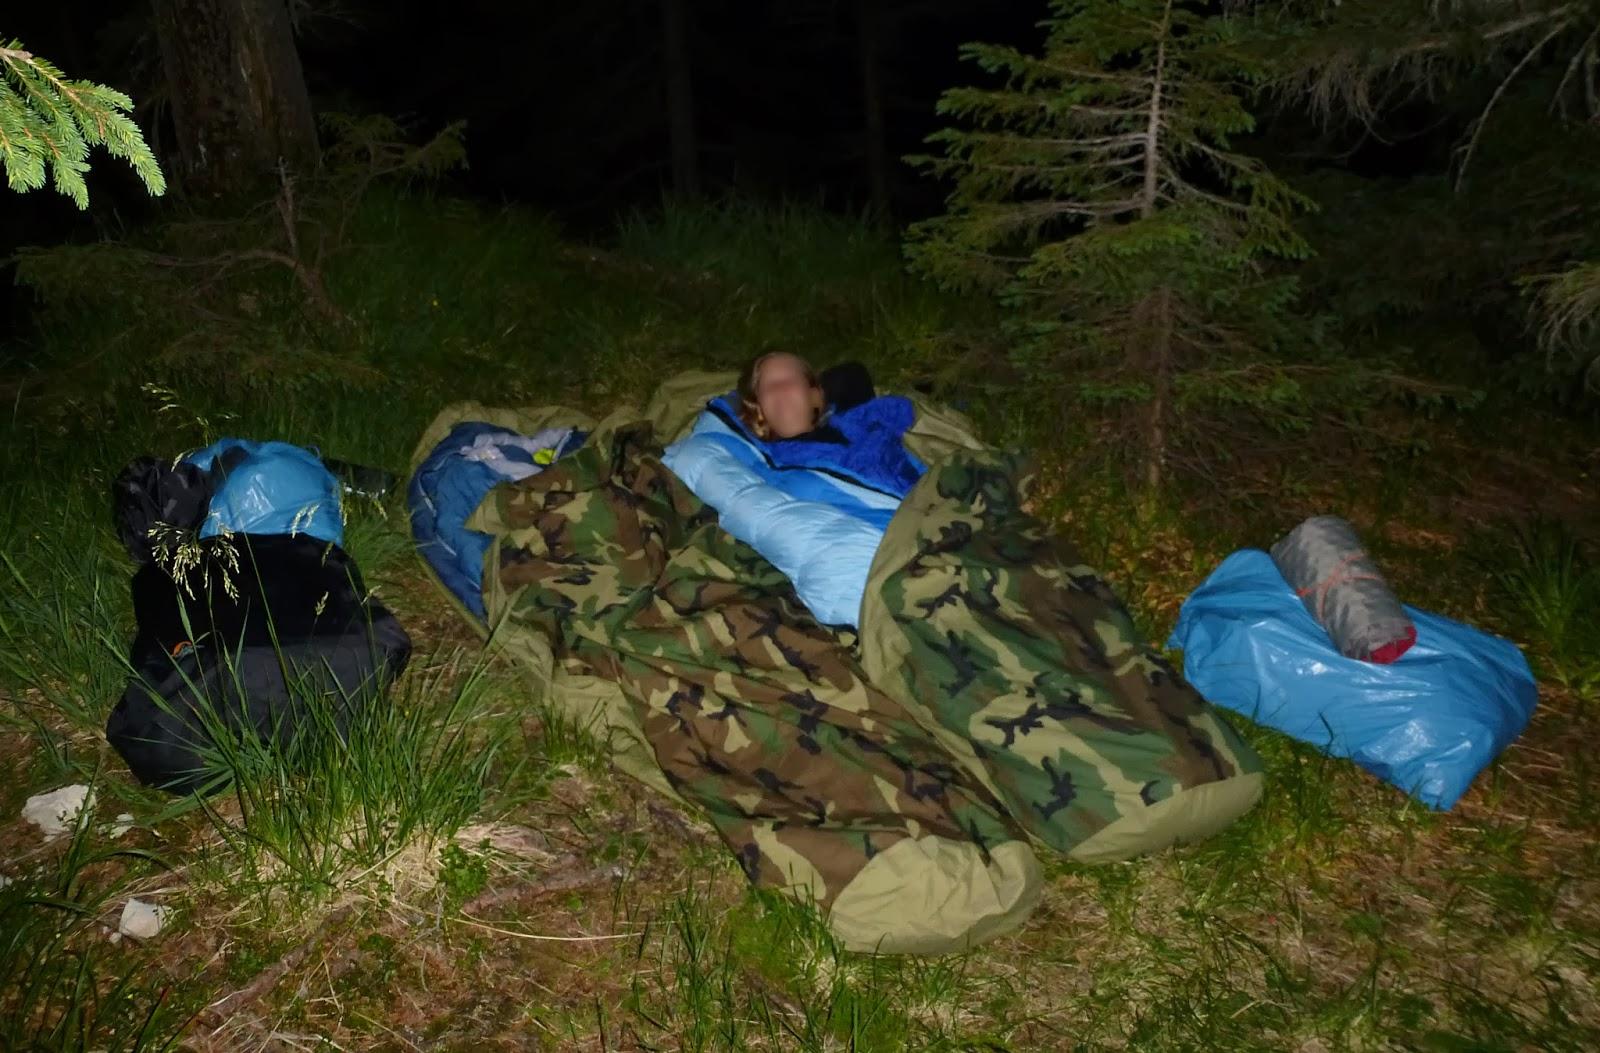 Draußen Schlafen Ohne Zelt Tipps : Kopffreiheit gear review schlaftüten us army vs